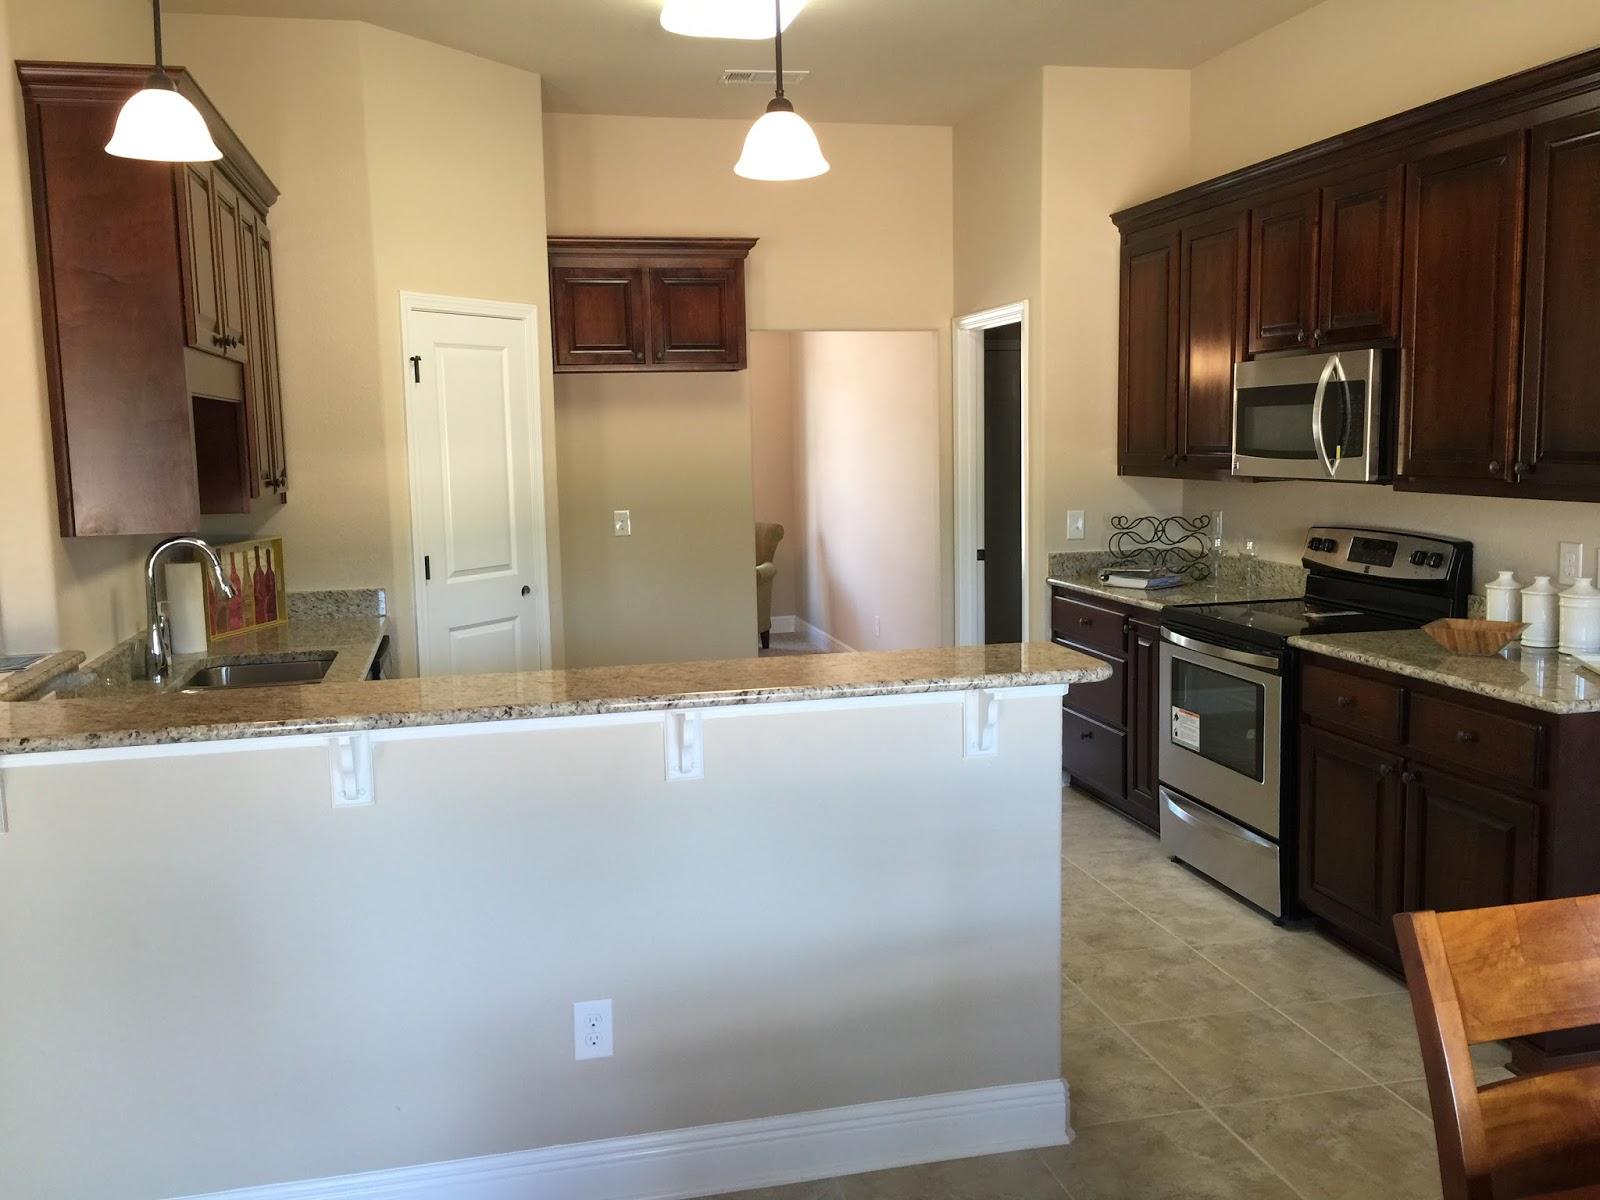 homes for sale. Black Bedroom Furniture Sets. Home Design Ideas